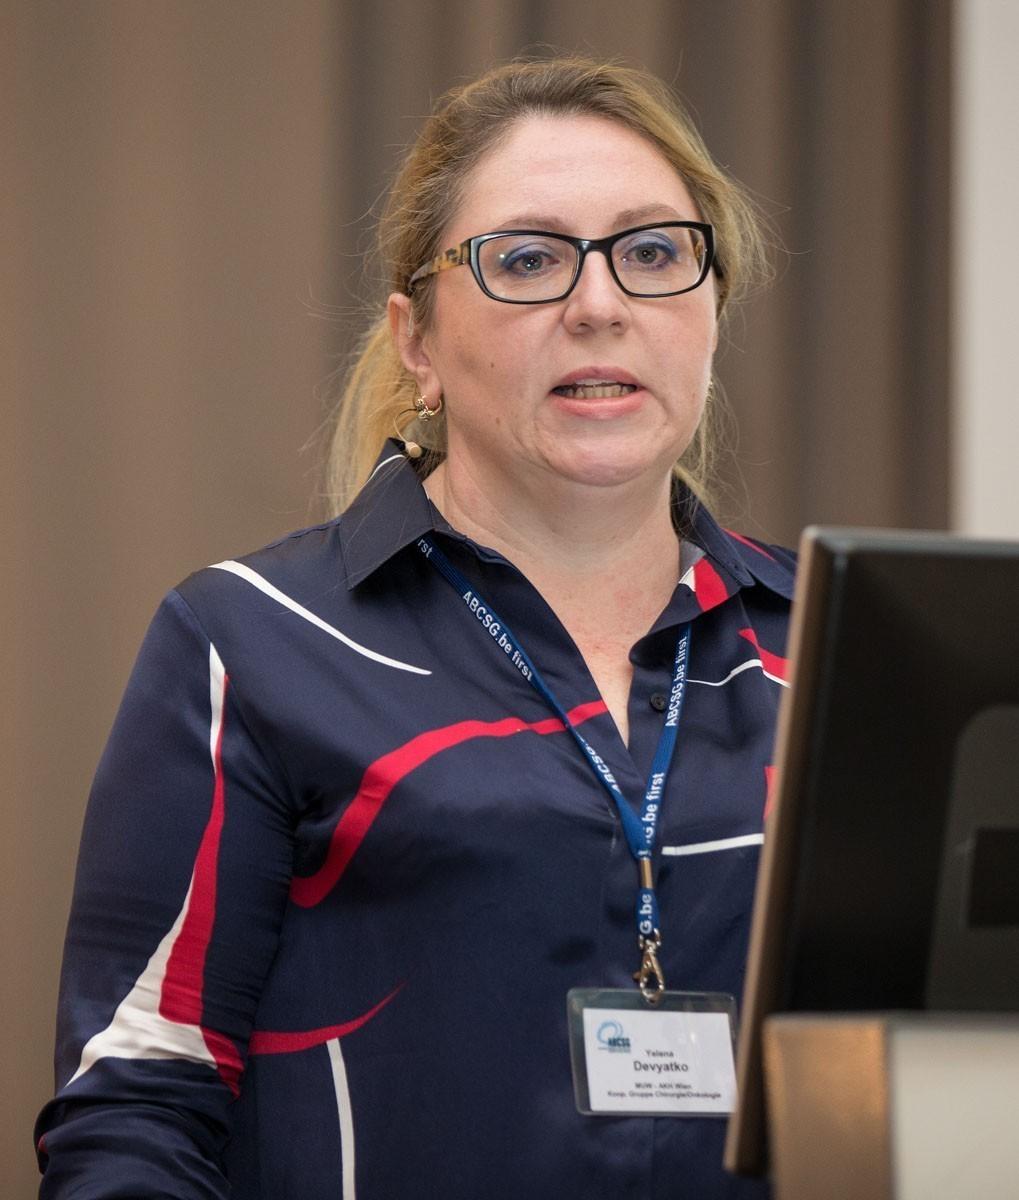 Yelena Devyatko stellt den PAM-50-Test der klinischen Erfahrung gegenüber.